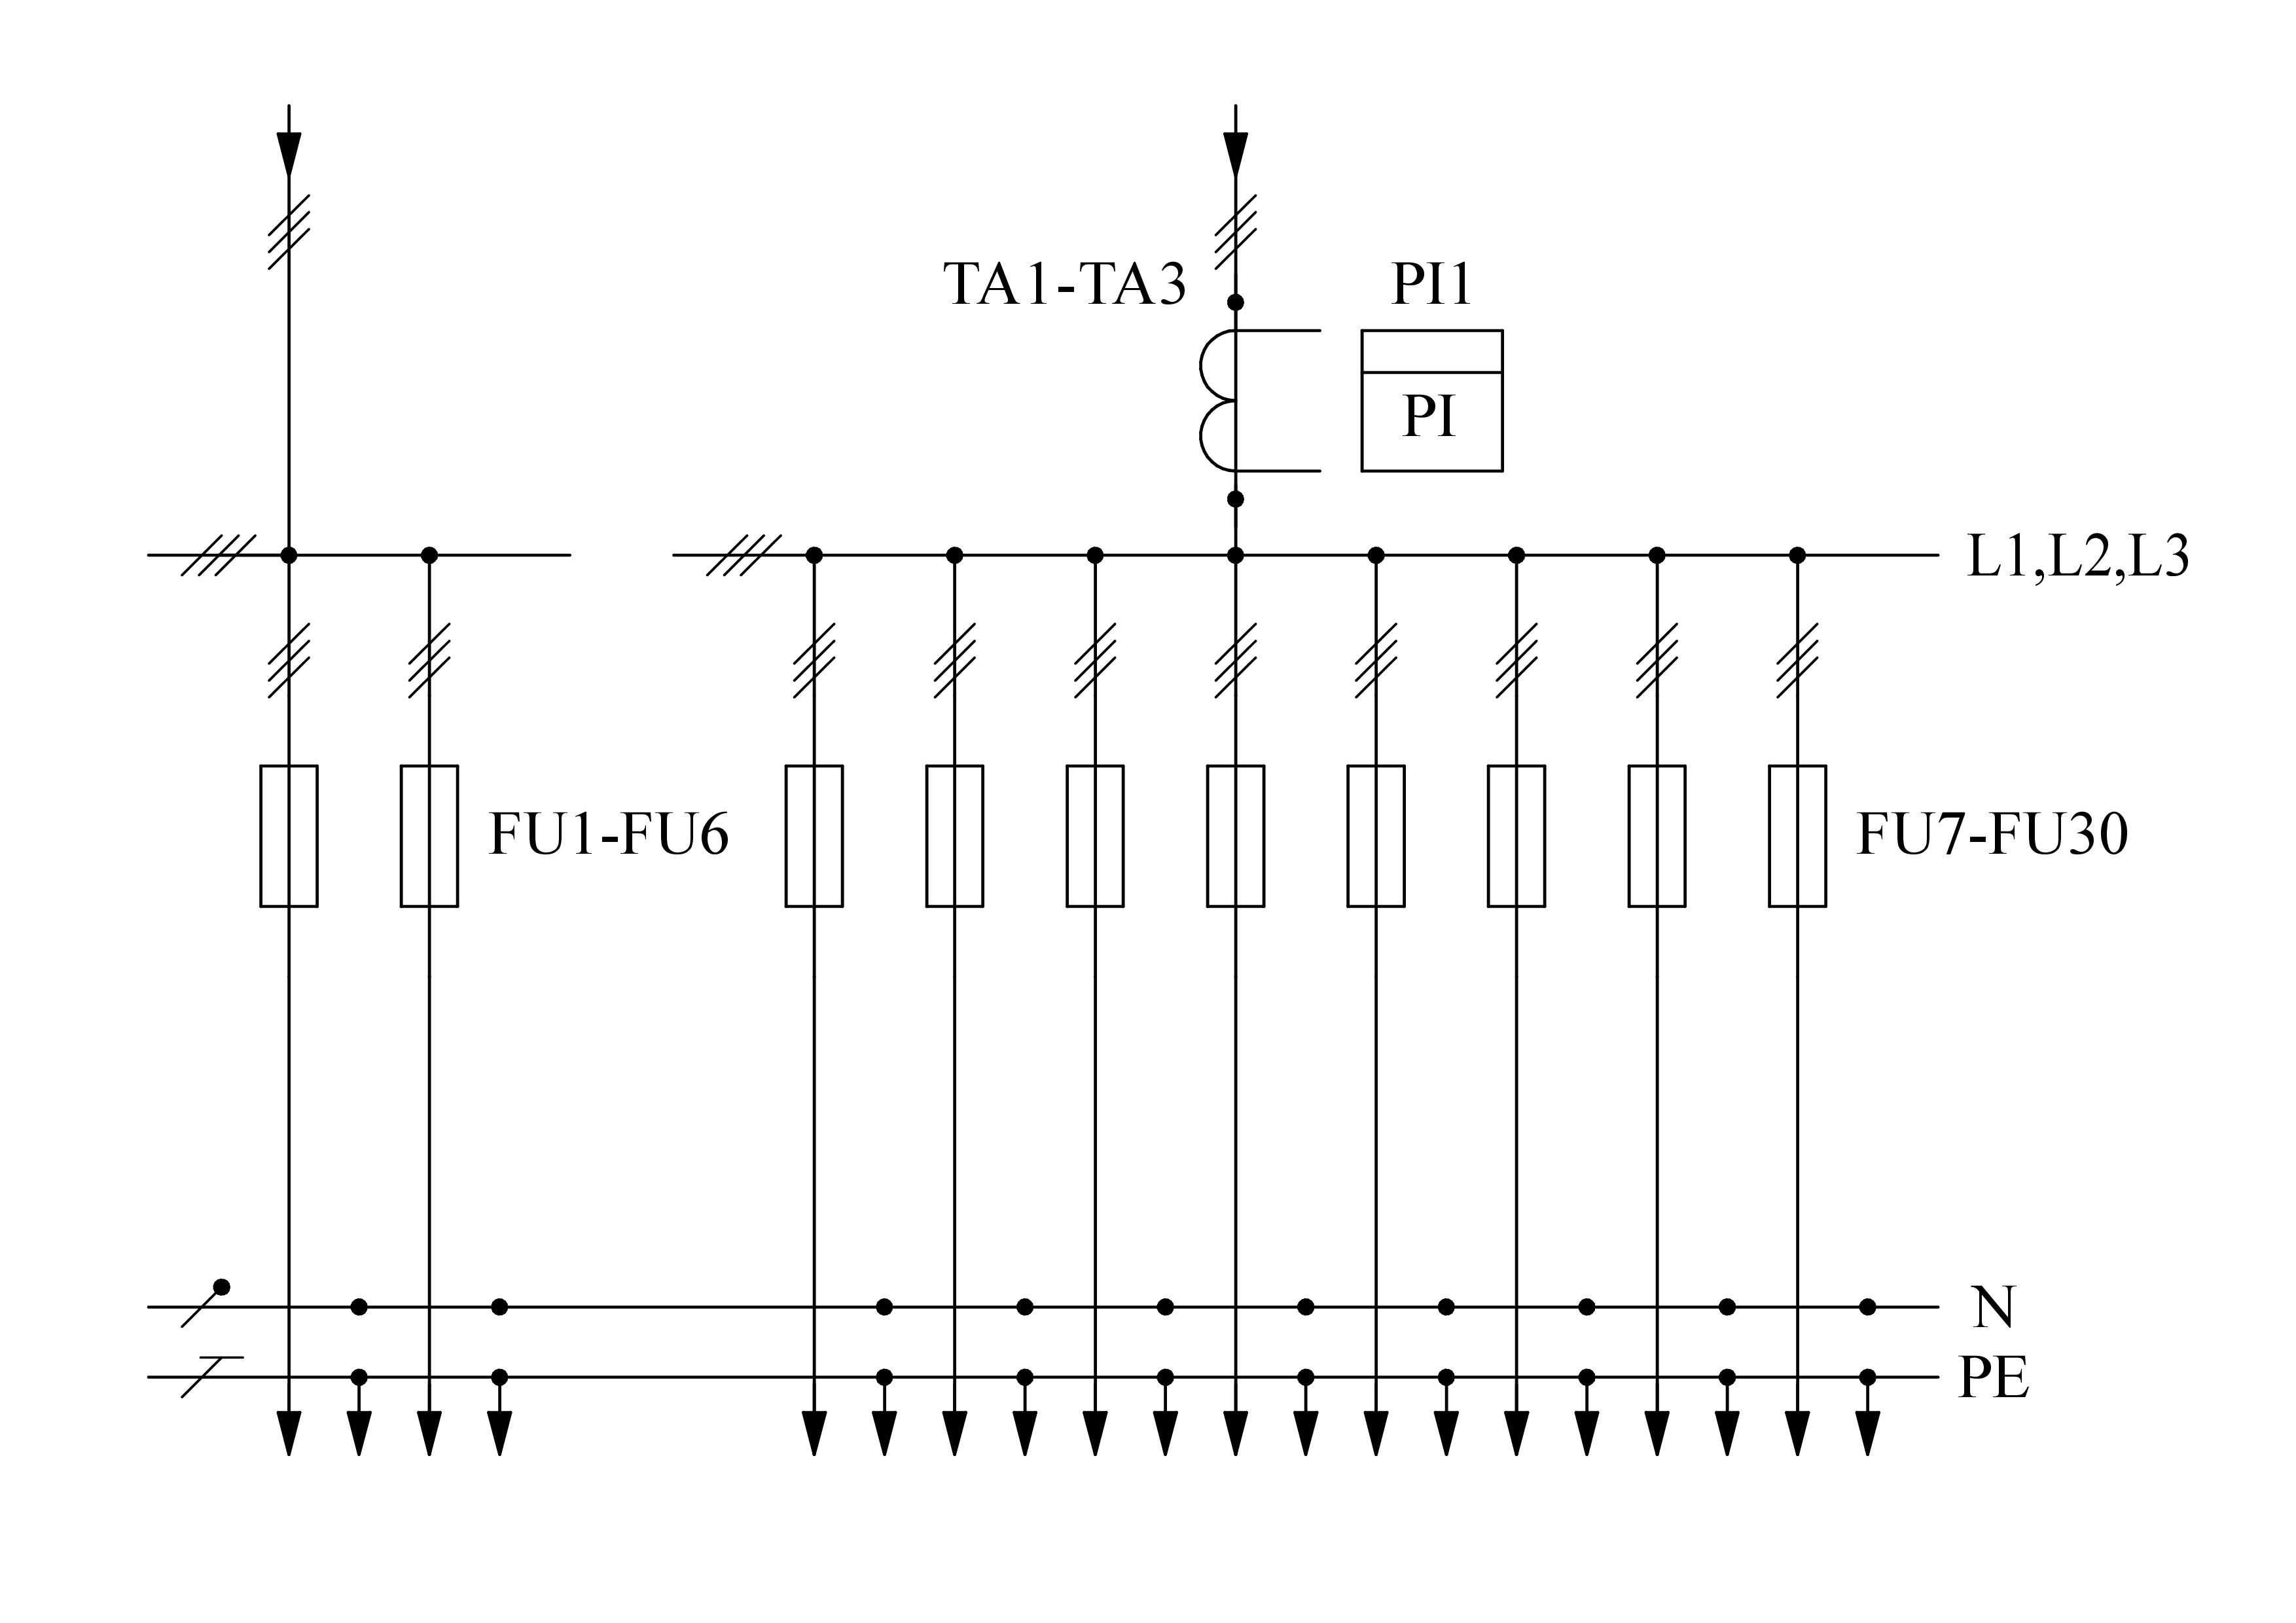 Схема электрическая ВРУ1-46-00, ВРУ1-46-00 цена, ВРУ1-46-00 купить